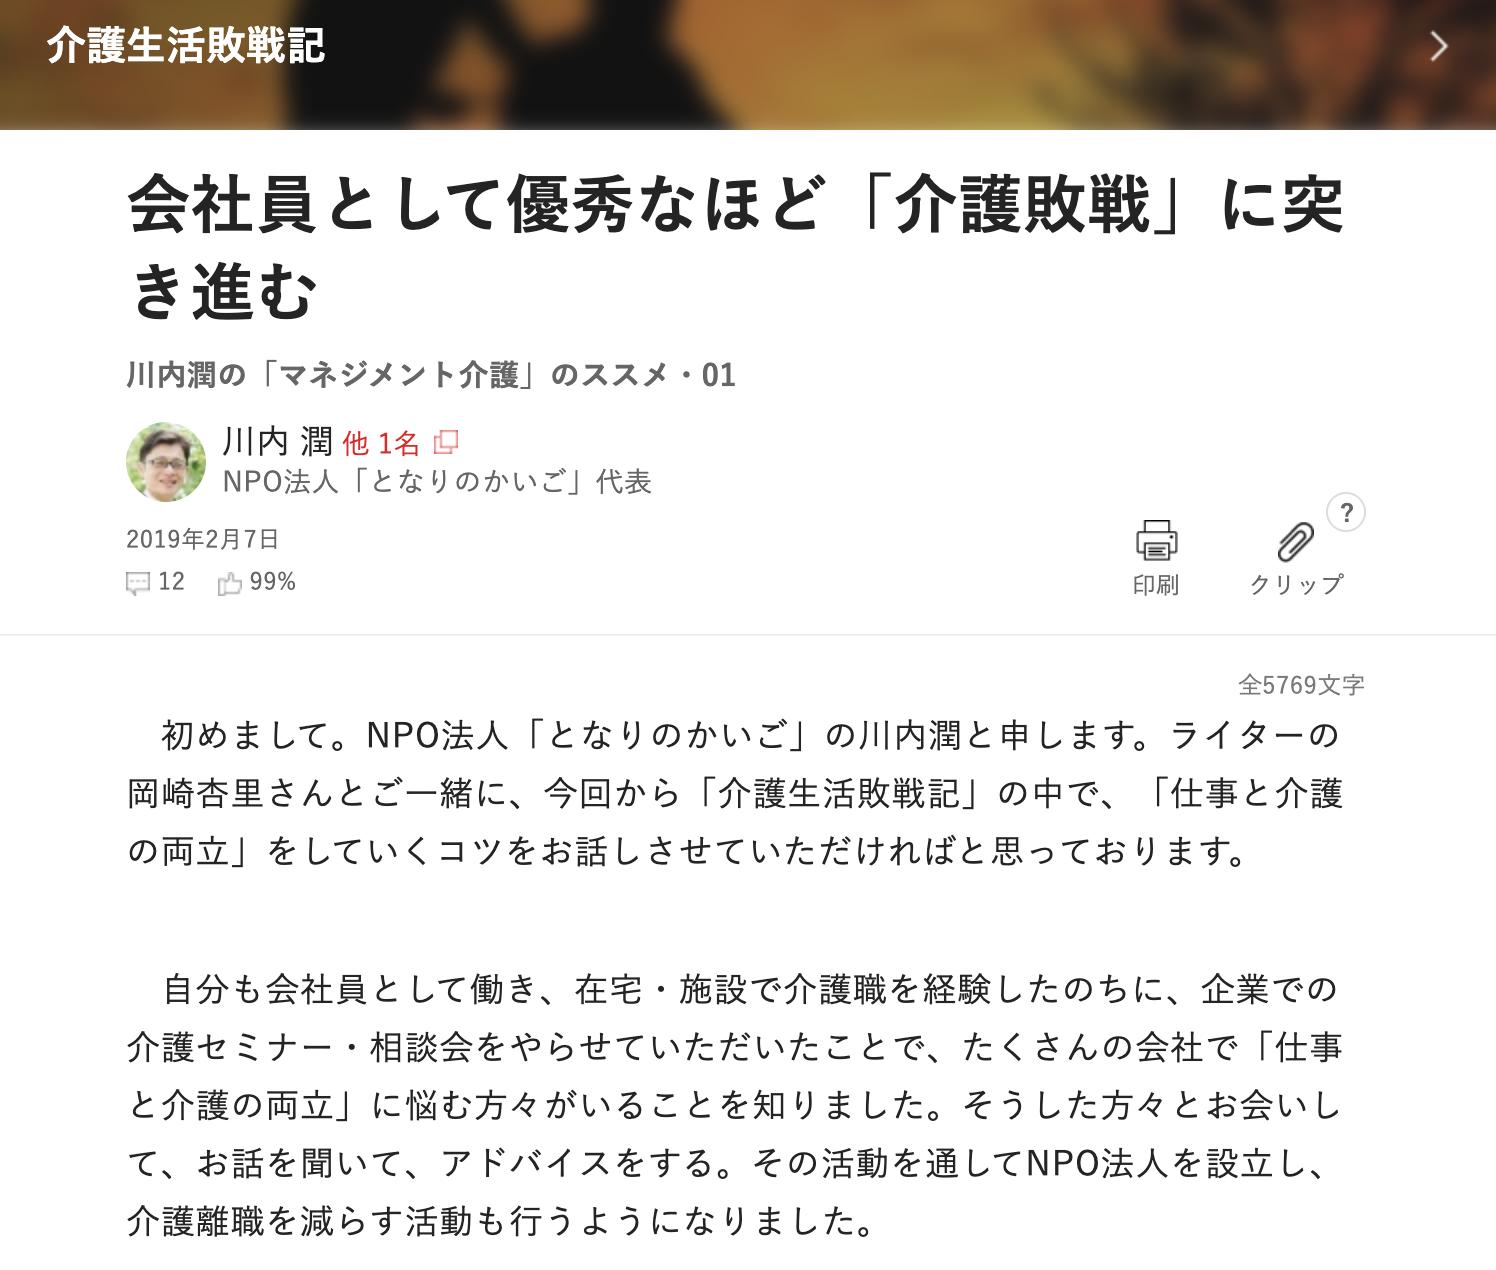 日経ビジネス電子版『会社員として優秀なほど「介護敗戦」に突き進む』